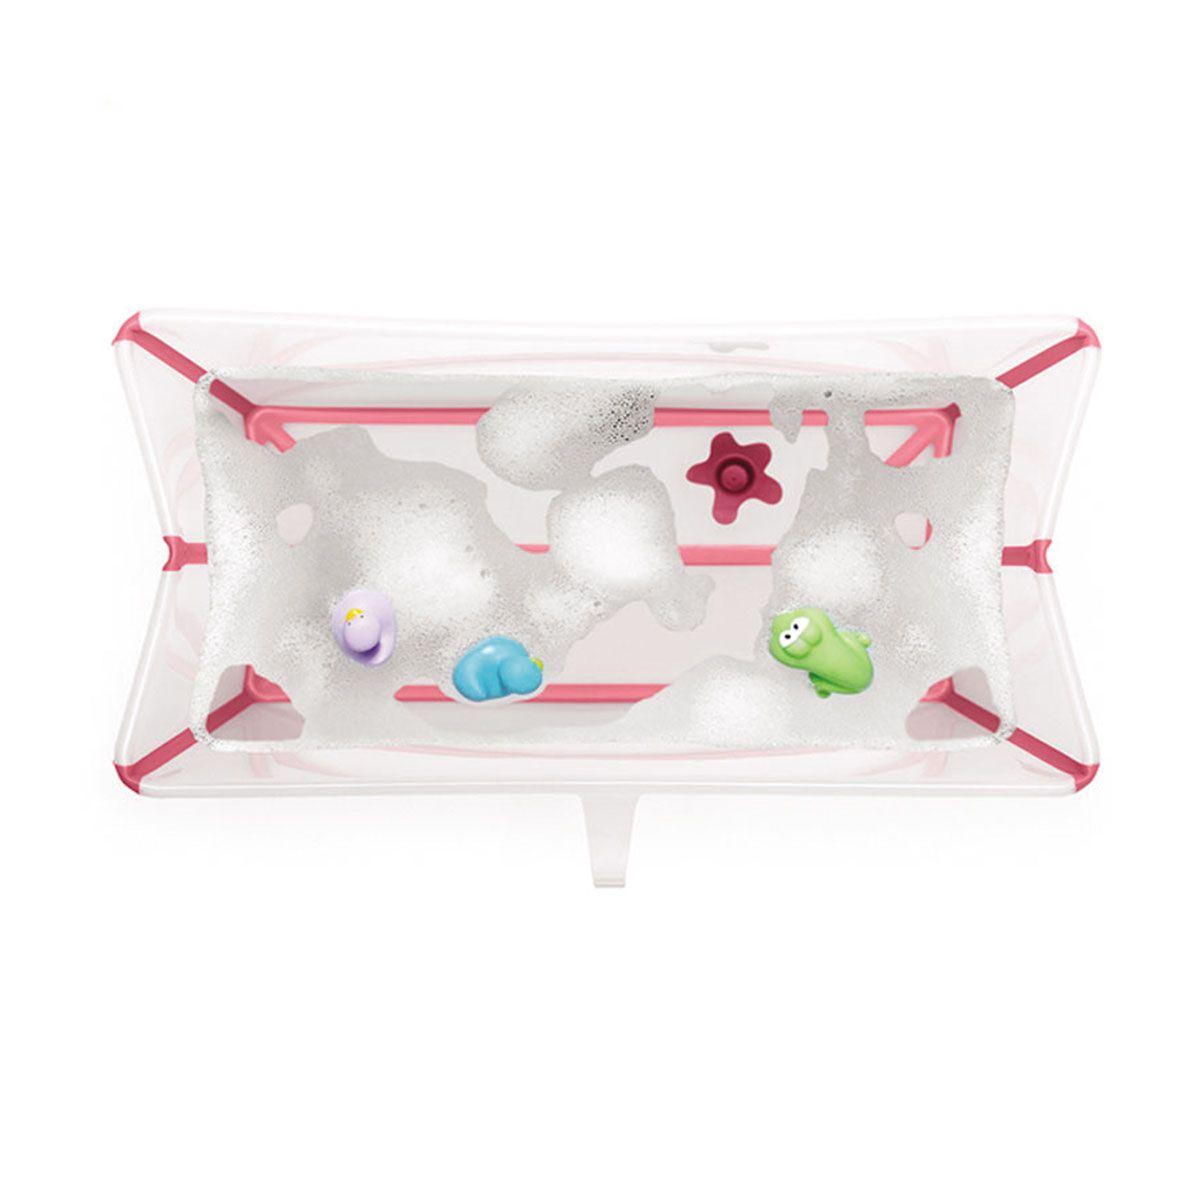 Banheira Flexível Rosa com Plug Térmico Stokke - Girotondo